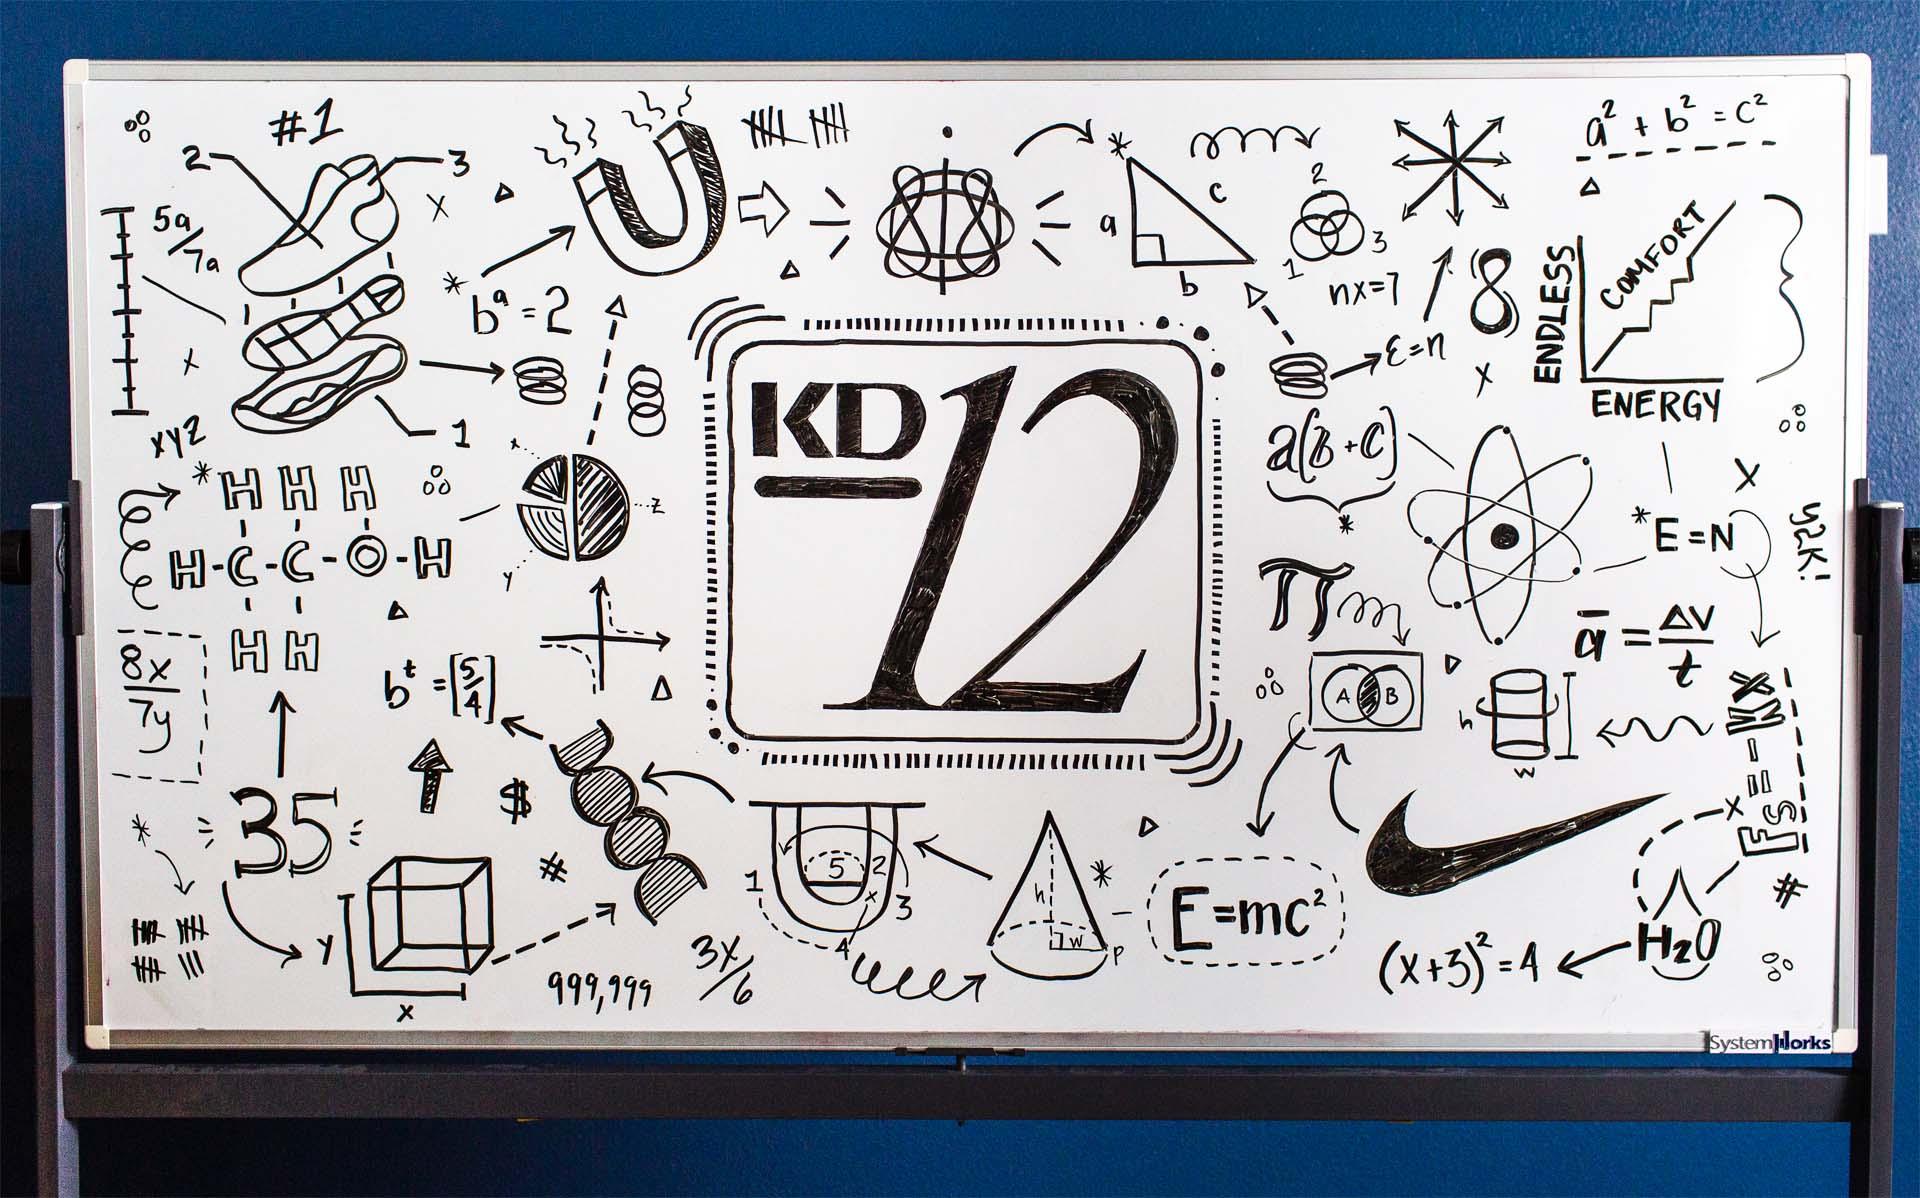 Nike_KD12_Side2.jpg